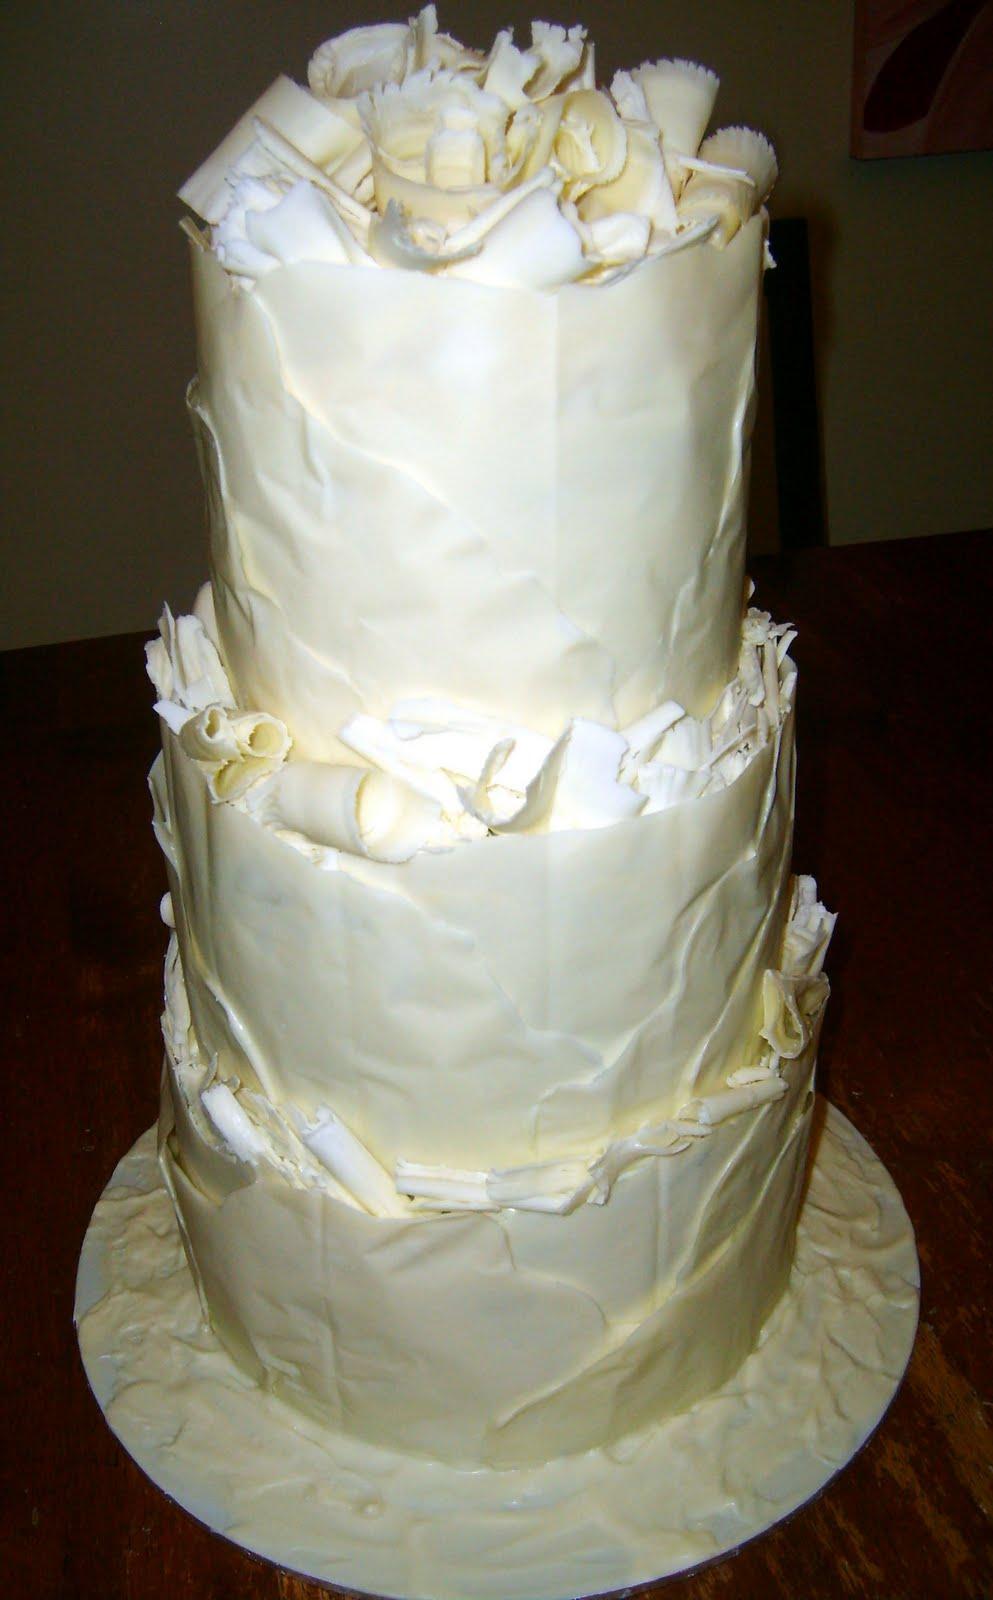 Caketopia: White Chocolate Wrapped Wedding Cake